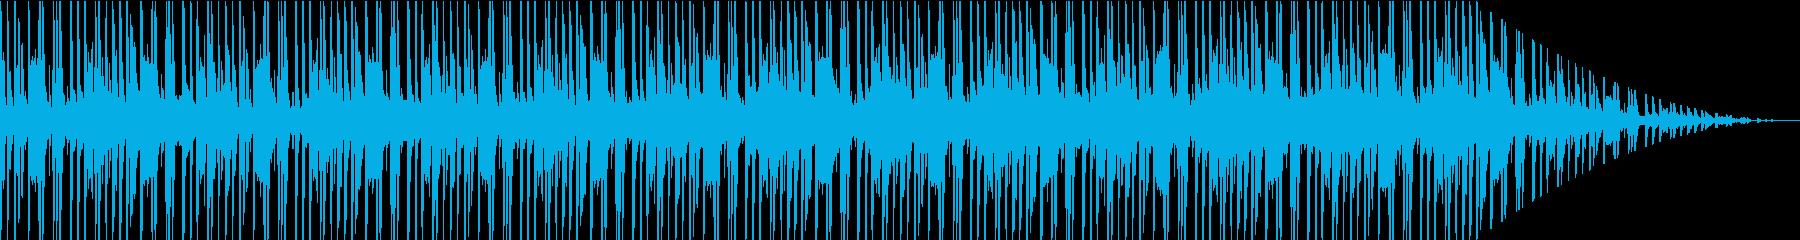 80s シンセサウンドの再生済みの波形